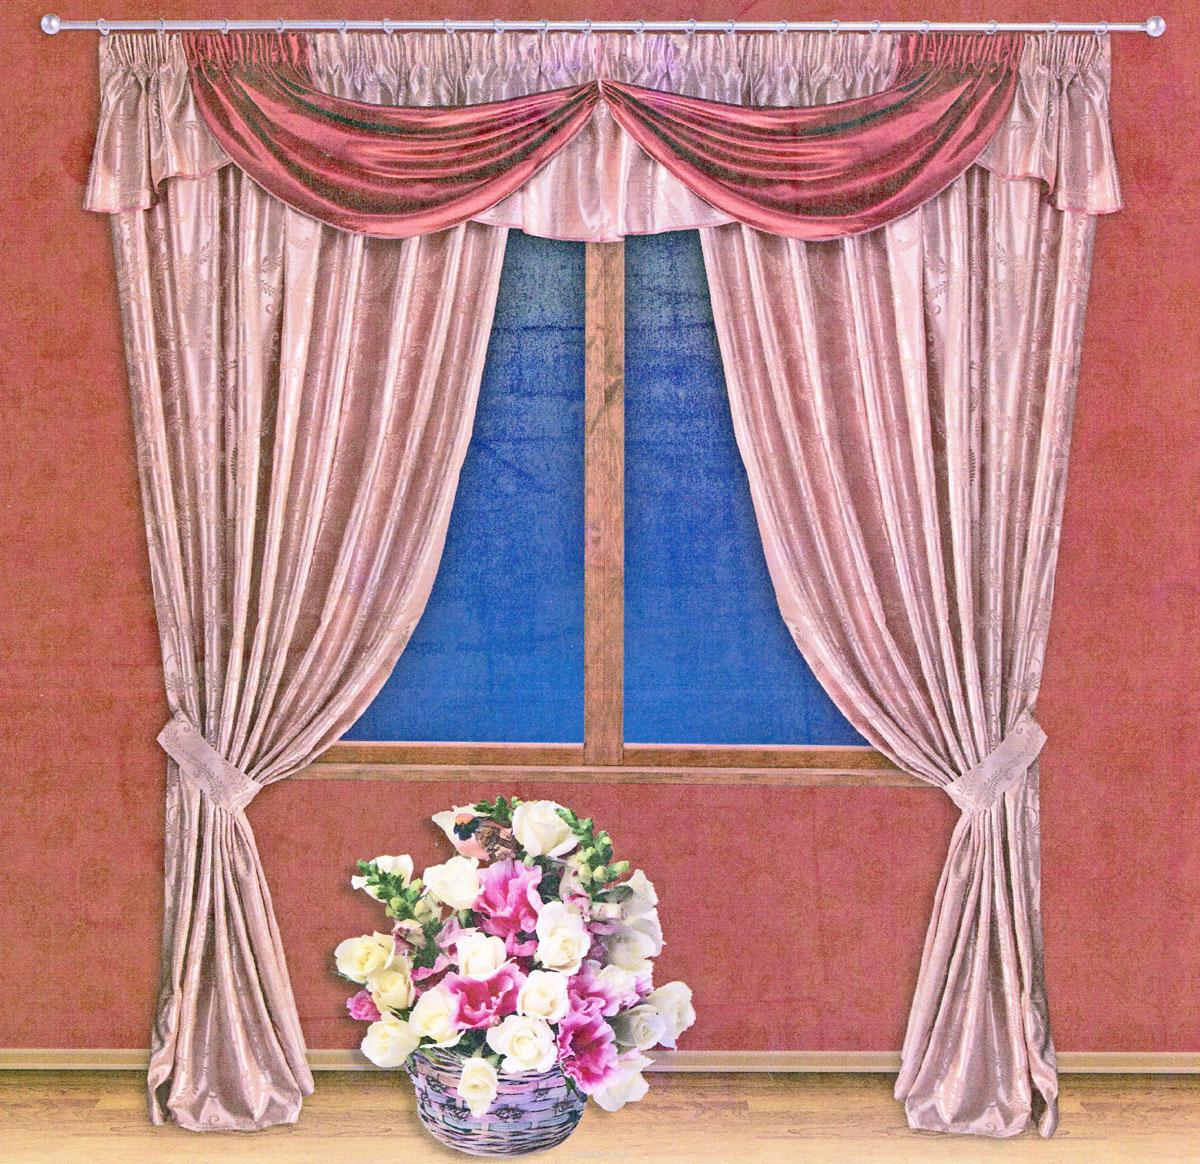 Комплект штор Zlata Korunka, на ленте, цвет: красный, бледно-розовый, высота 250 см. 5551255512Роскошный комплект штор Zlata Korunka, выполненный из ткани шанзализе, сатина и жаккарда (100% полиэстера), великолепно украсит любое окно. Комплект состоит из двух портьер, ламбрекена и двух подхватов. Плотная ткань, оригинальный орнамент и приятная, приглушенная гамма привлекут к себе внимание и органично впишутся в интерьер помещения. Комплект крепится на карниз при помощи шторной ленты, которая поможет красиво и равномерно задрапировать верх. Портьеры можно зафиксировать в одном положении с помощью двух подхватов. Этот комплект будет долгое время радовать вас и вашу семью! В комплект входит: Портьера: 2 шт. Размер (ШхВ): 200 см х 250 см. Ламбрекен: 1 шт. Размер (ШхВ): 450 см х 50 см.Подхват: 2 шт. Размер (ШхВ): 60 см х 10 см.